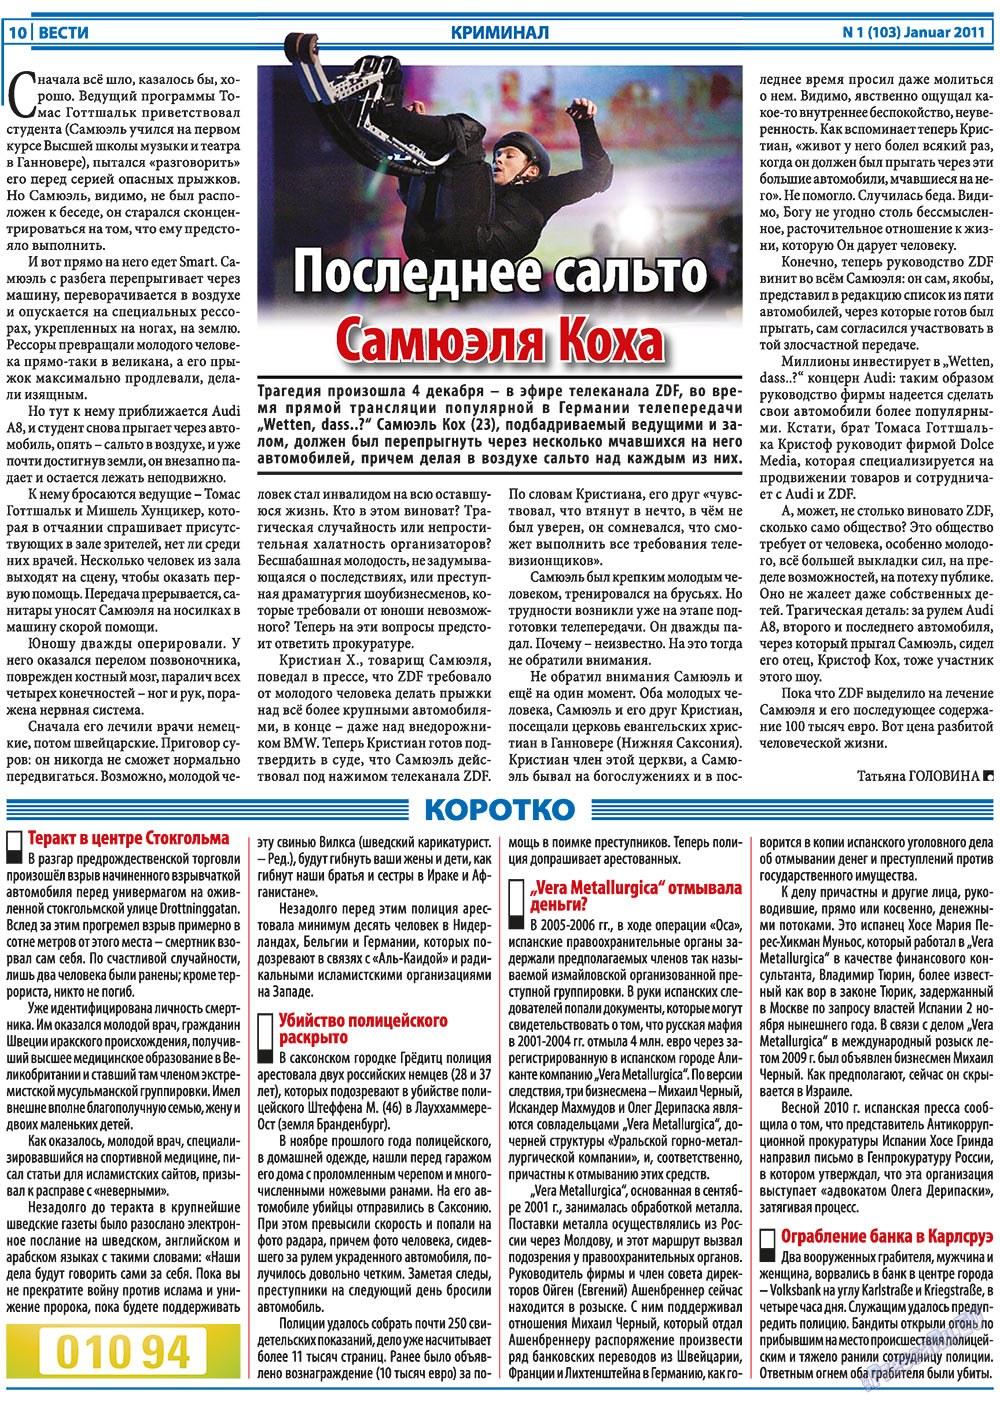 Вести (газета). 2011 год, номер 1, стр. 10